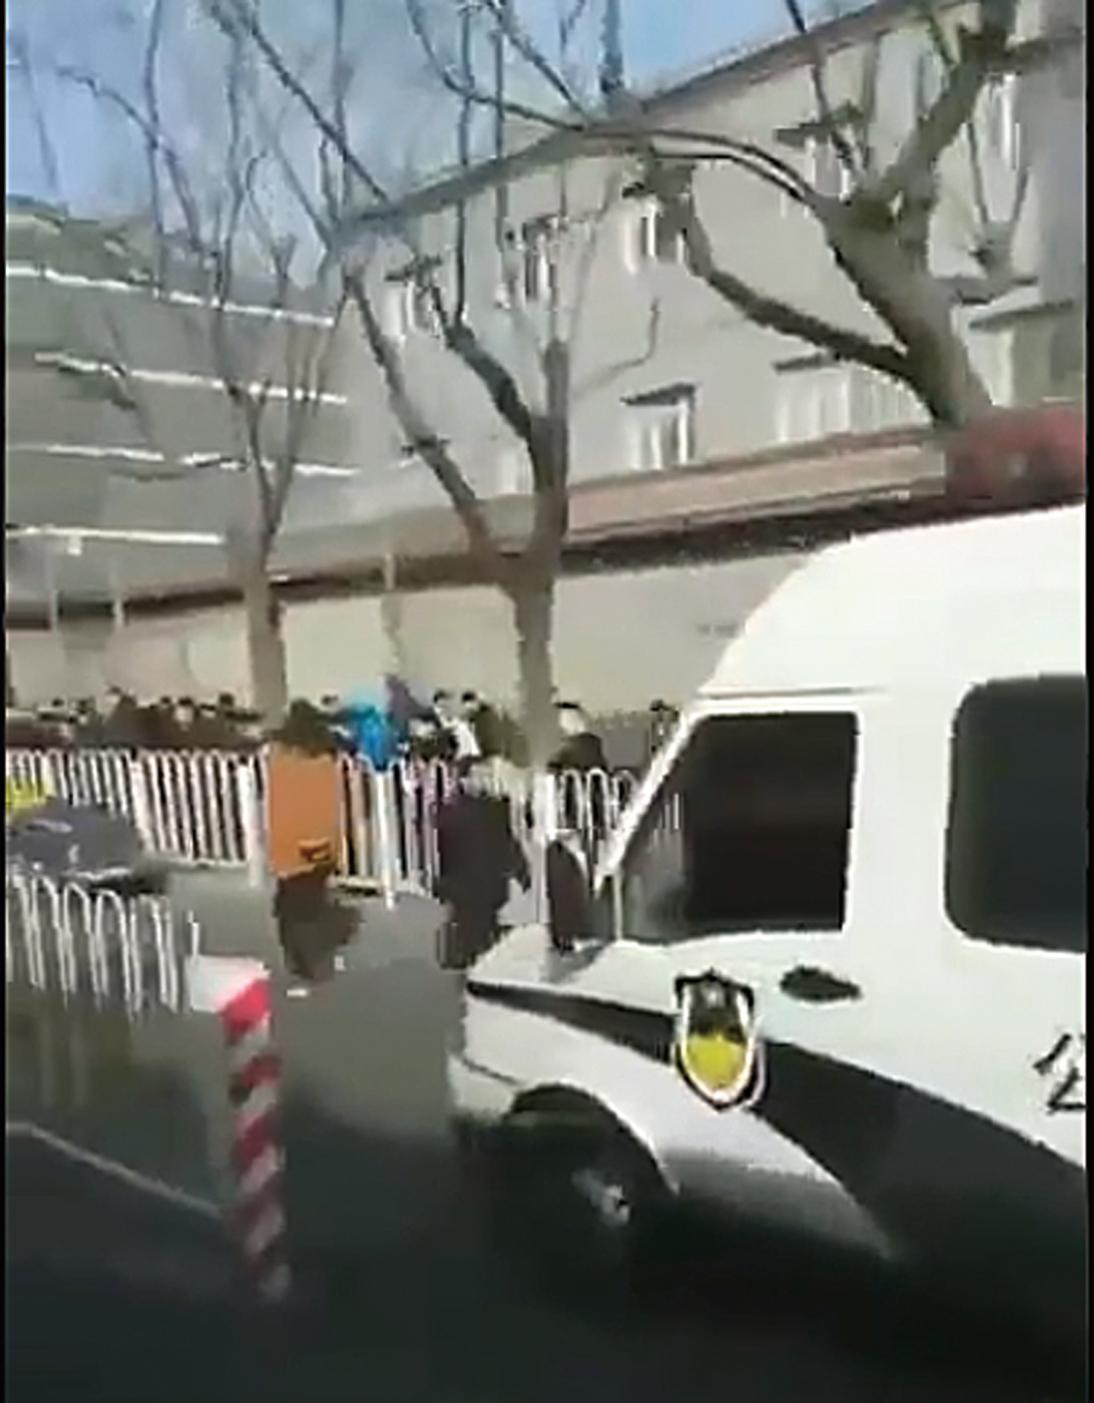 中共召開兩會前,北京當局啟動更嚴厲的維穩程序。信訪局門口:截訪的人員比上訪的人多很多。(推特)